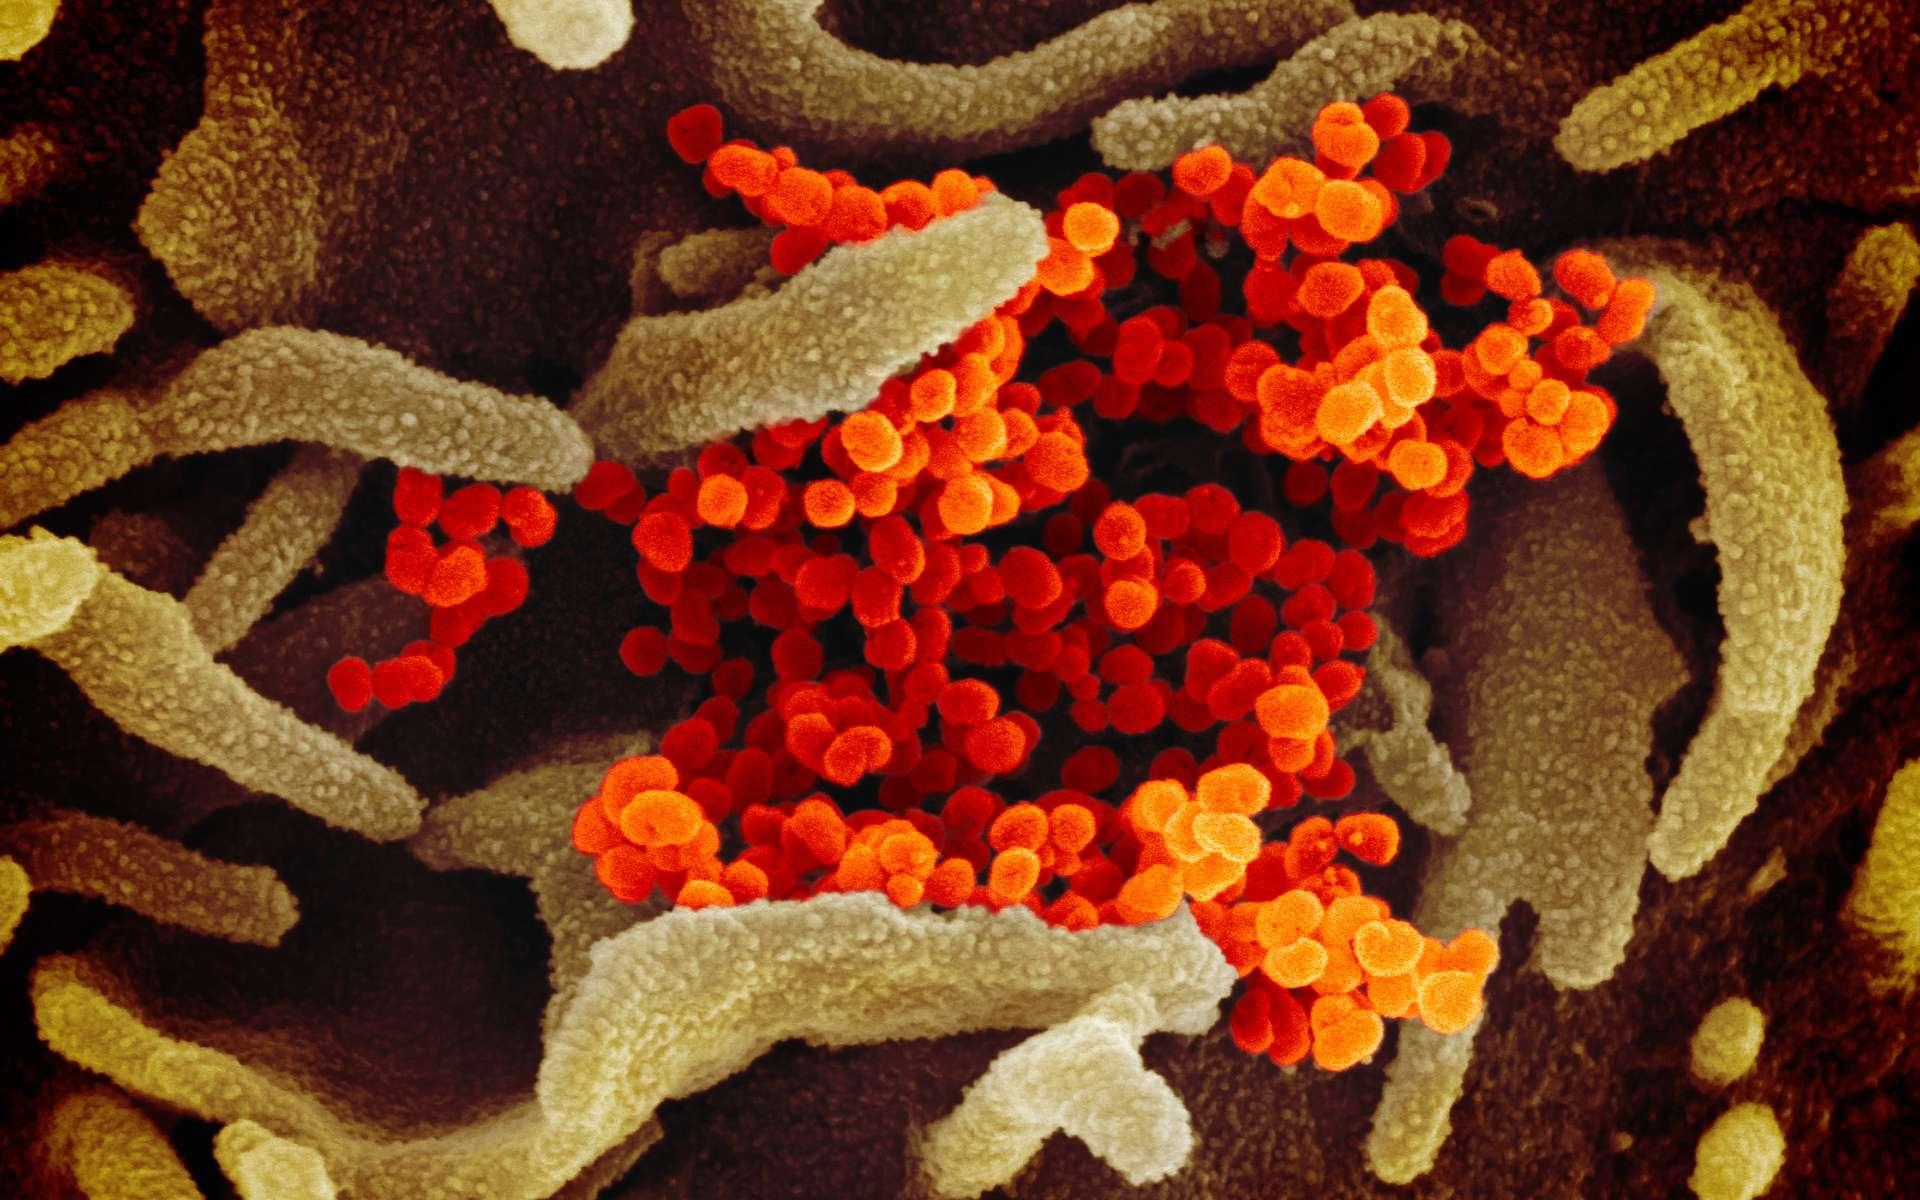 Le virus Sars-CoV-2 photographié au microscope électronique à balayage. Les couleurs ont été ajoutées par ordinateur. Les virions apparaissent en orange. © Niaid-RML